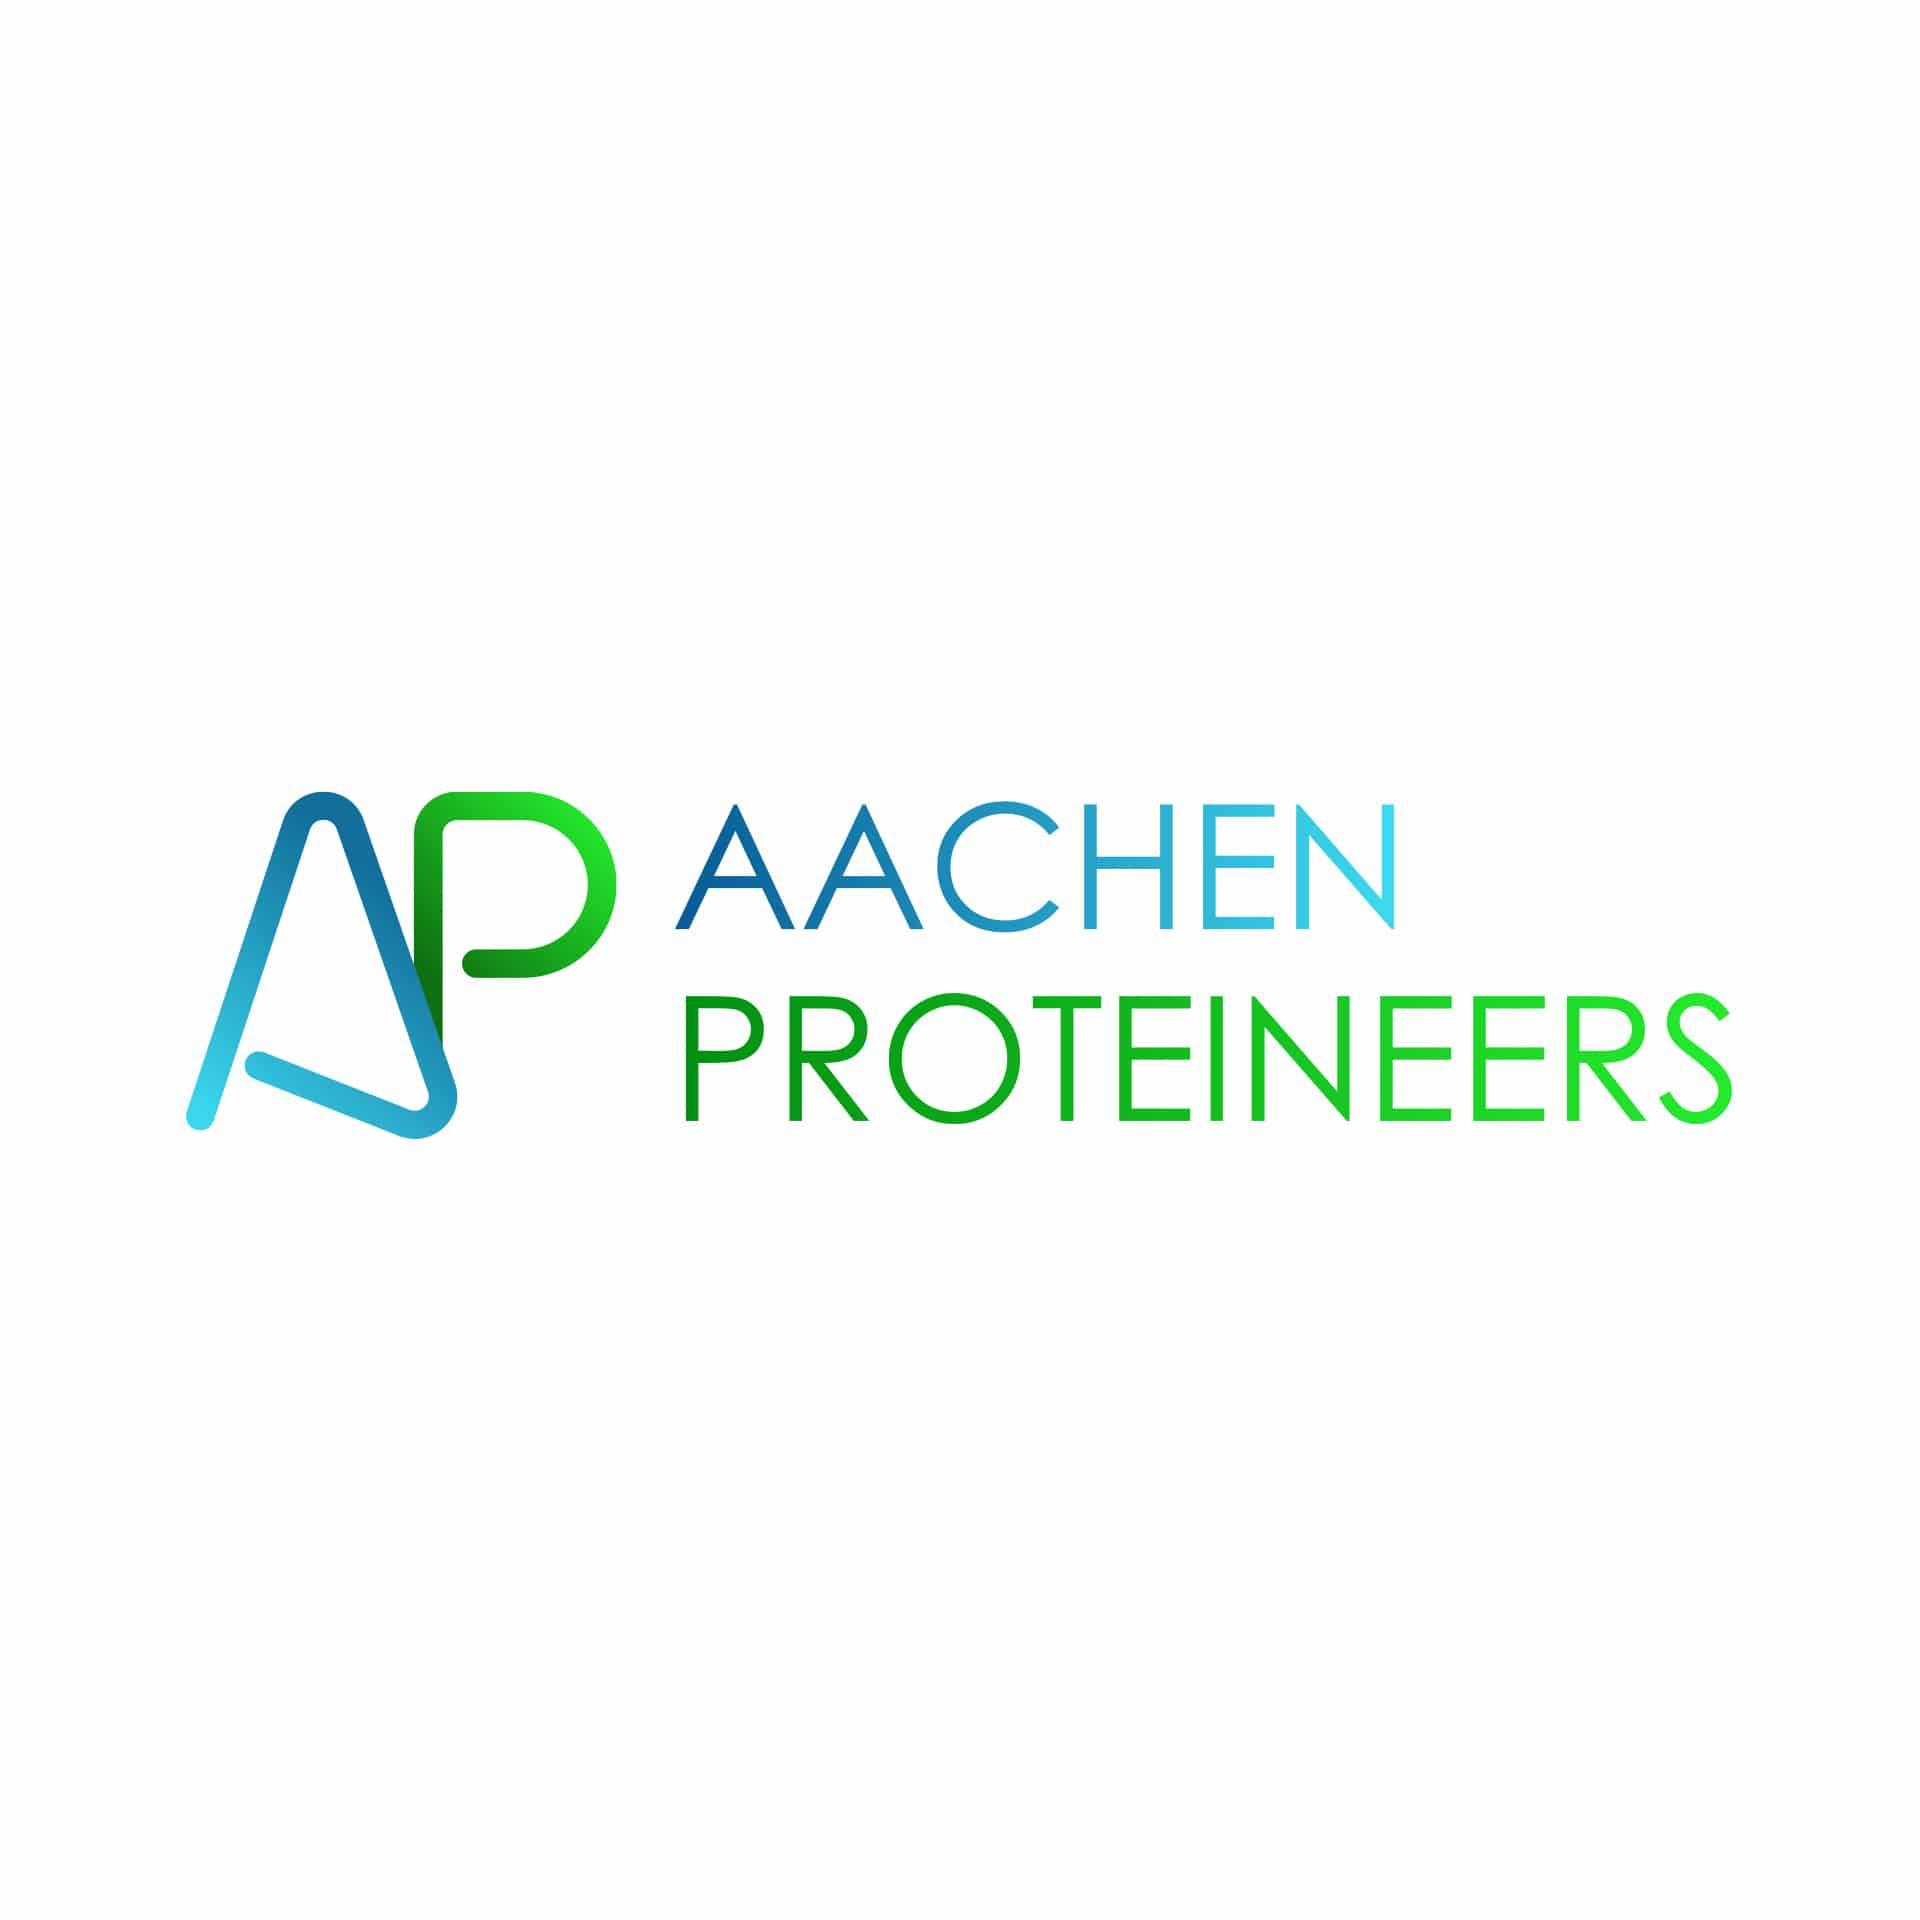 Aachen Proteineers